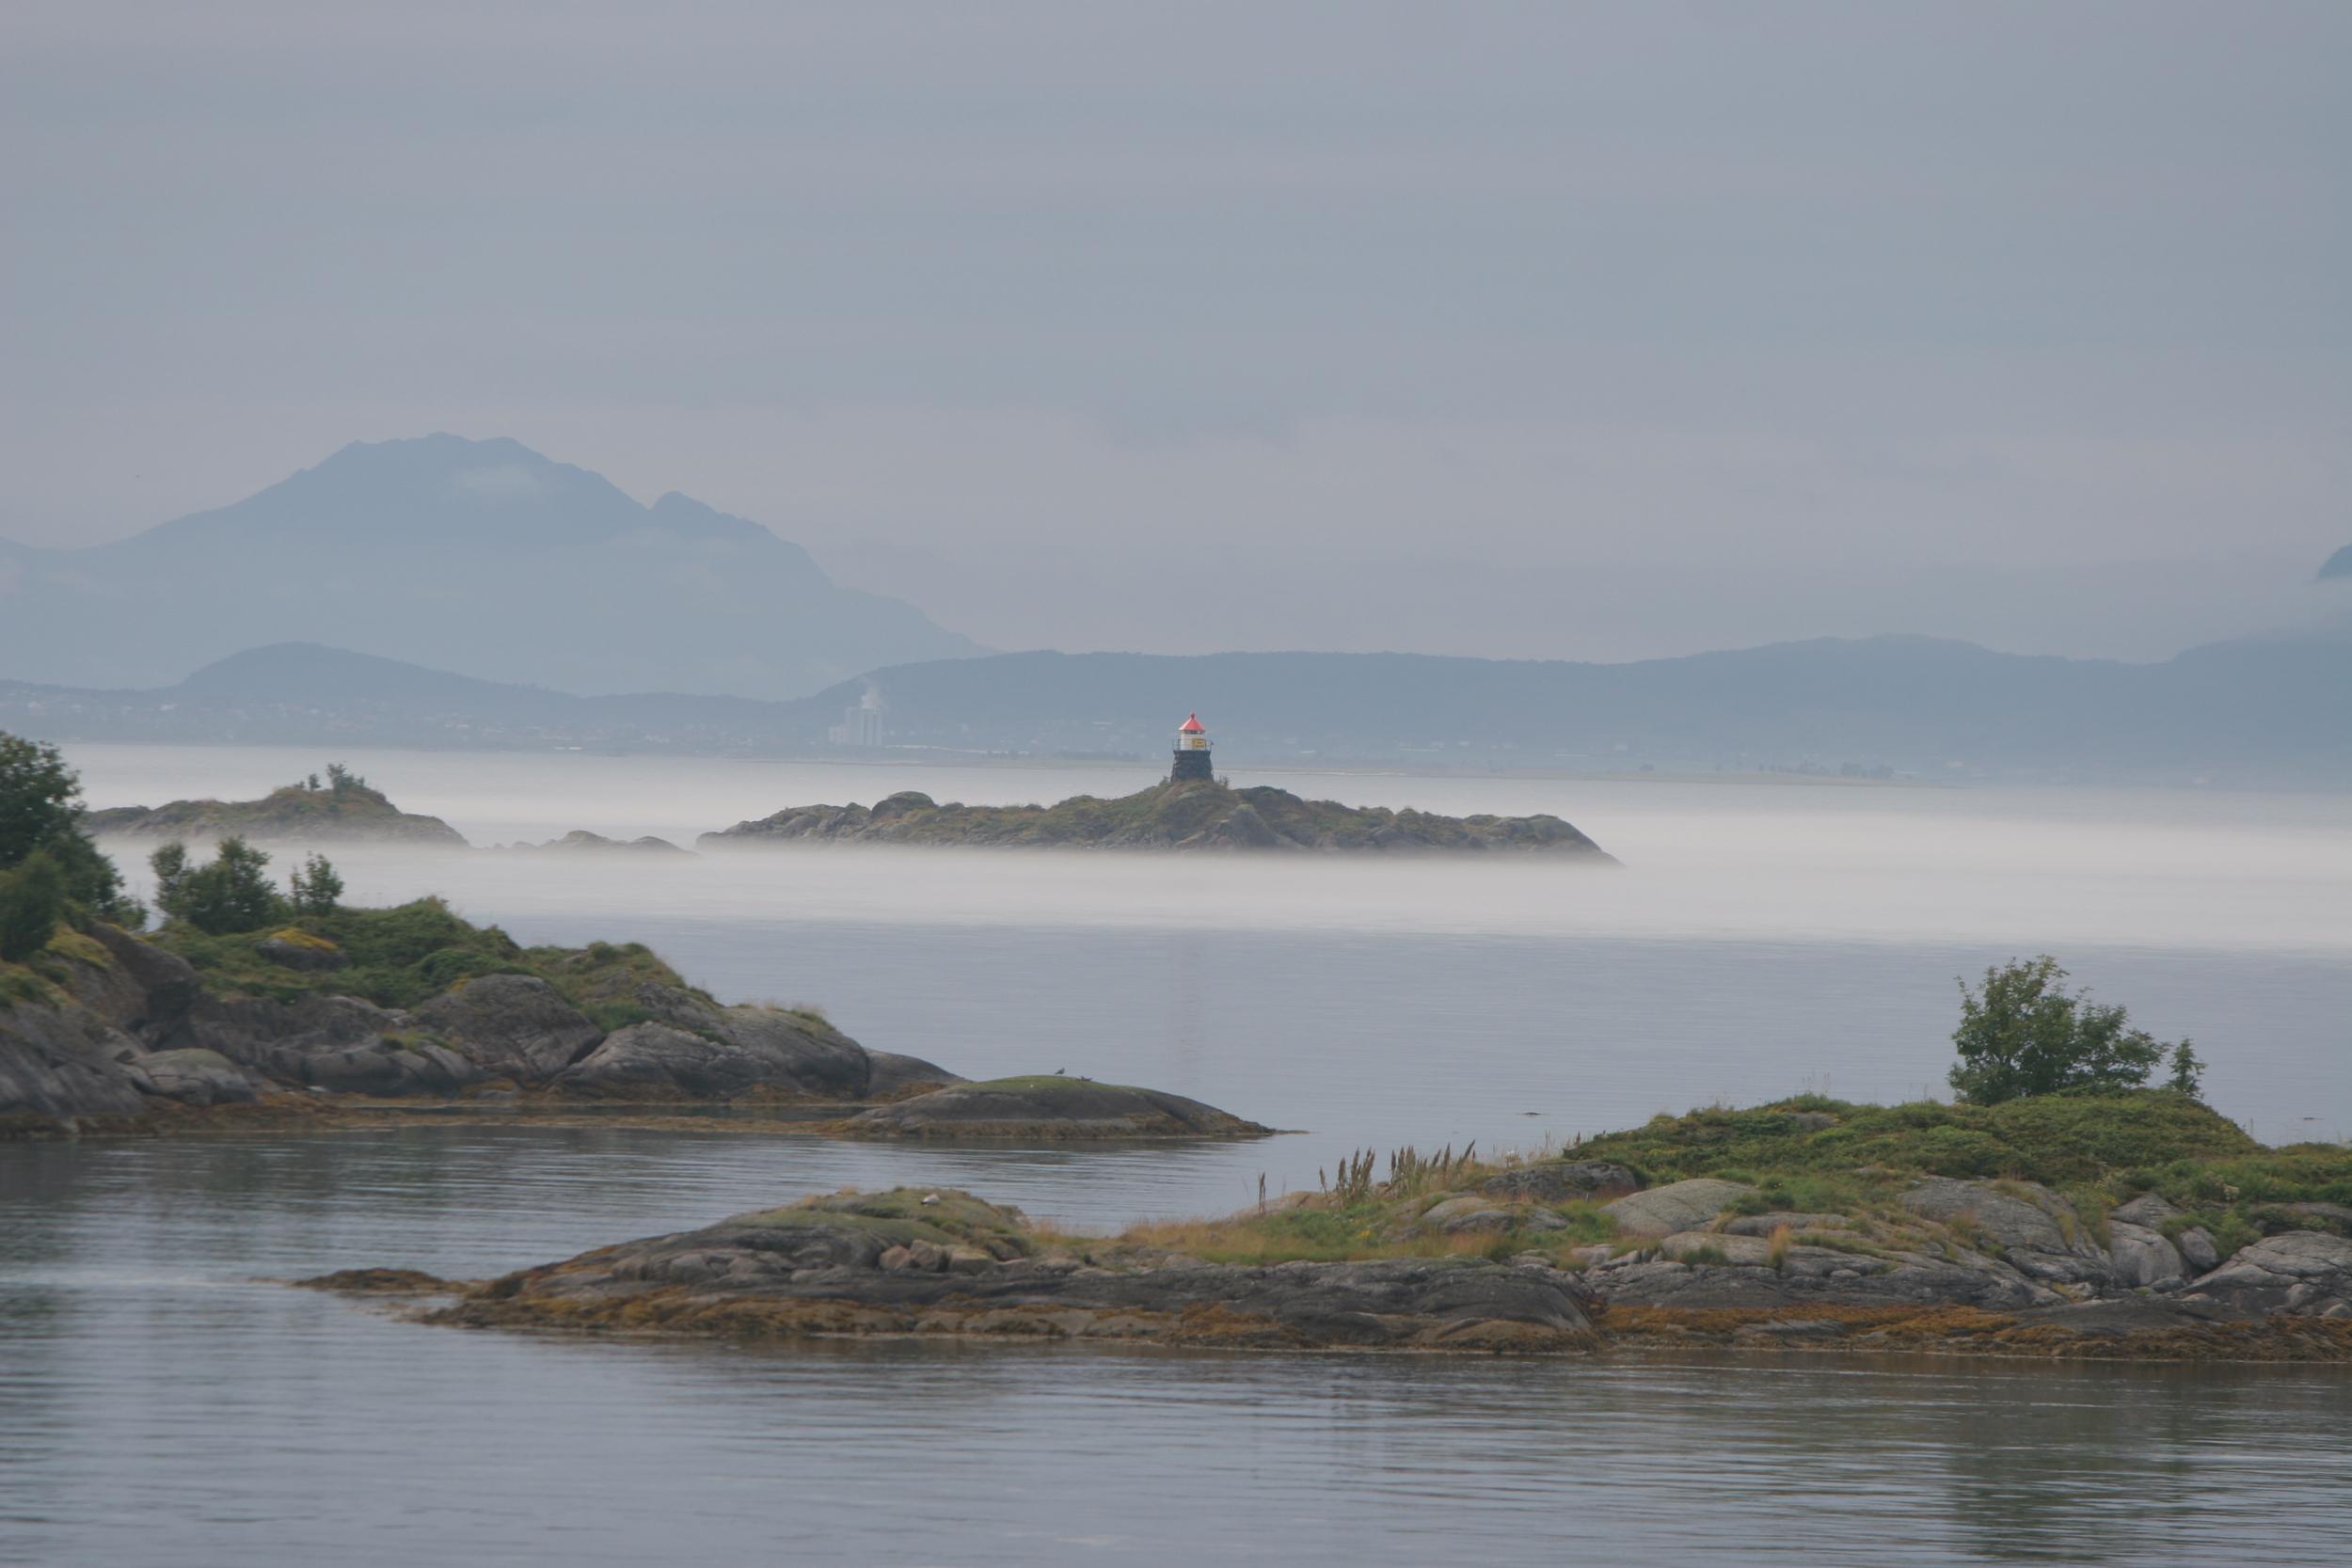 Stemningssfull kyst i Nord-Norge. Foto: Odd Roar Lange